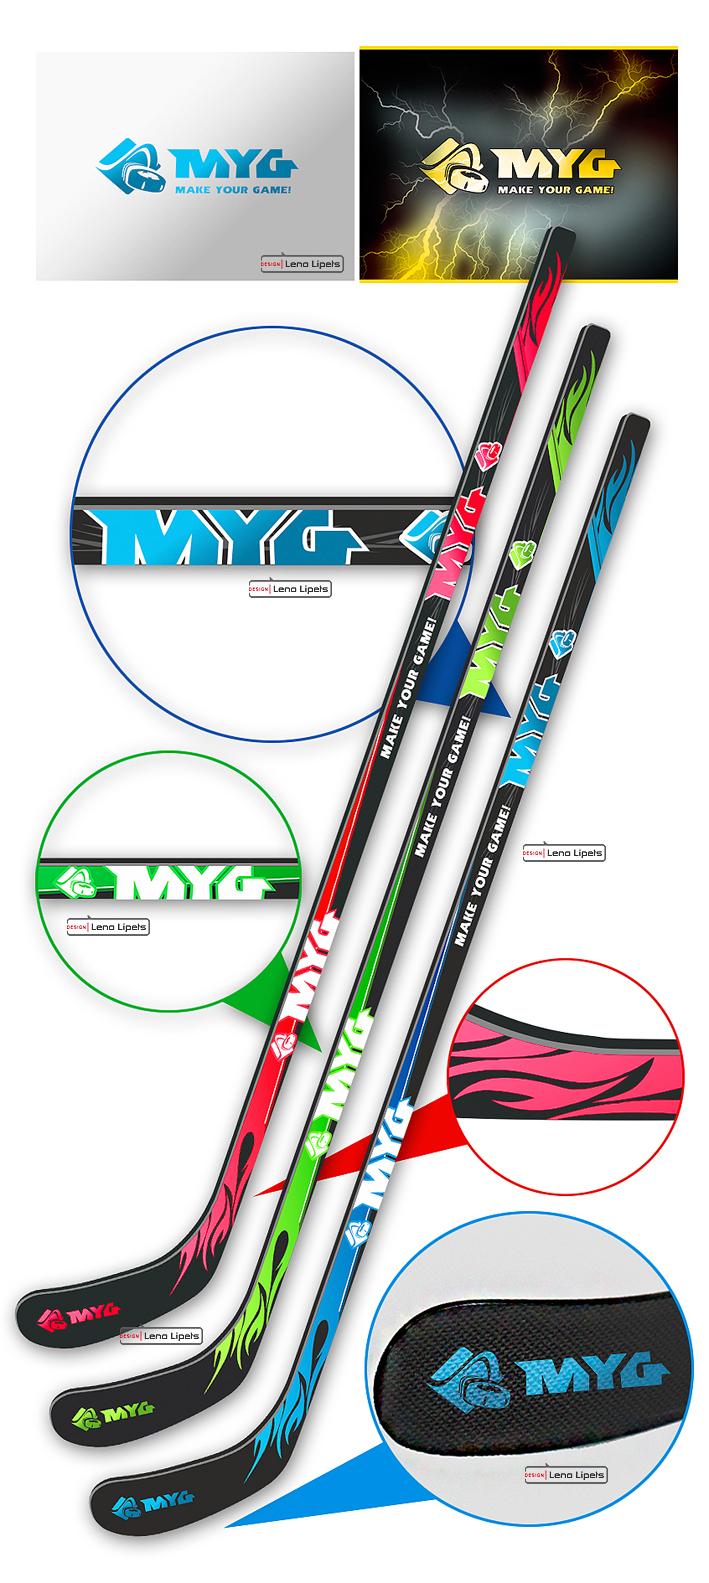 Вариант: товары для зимнего спорта «MYG» (MAKE YOUR GAME!)